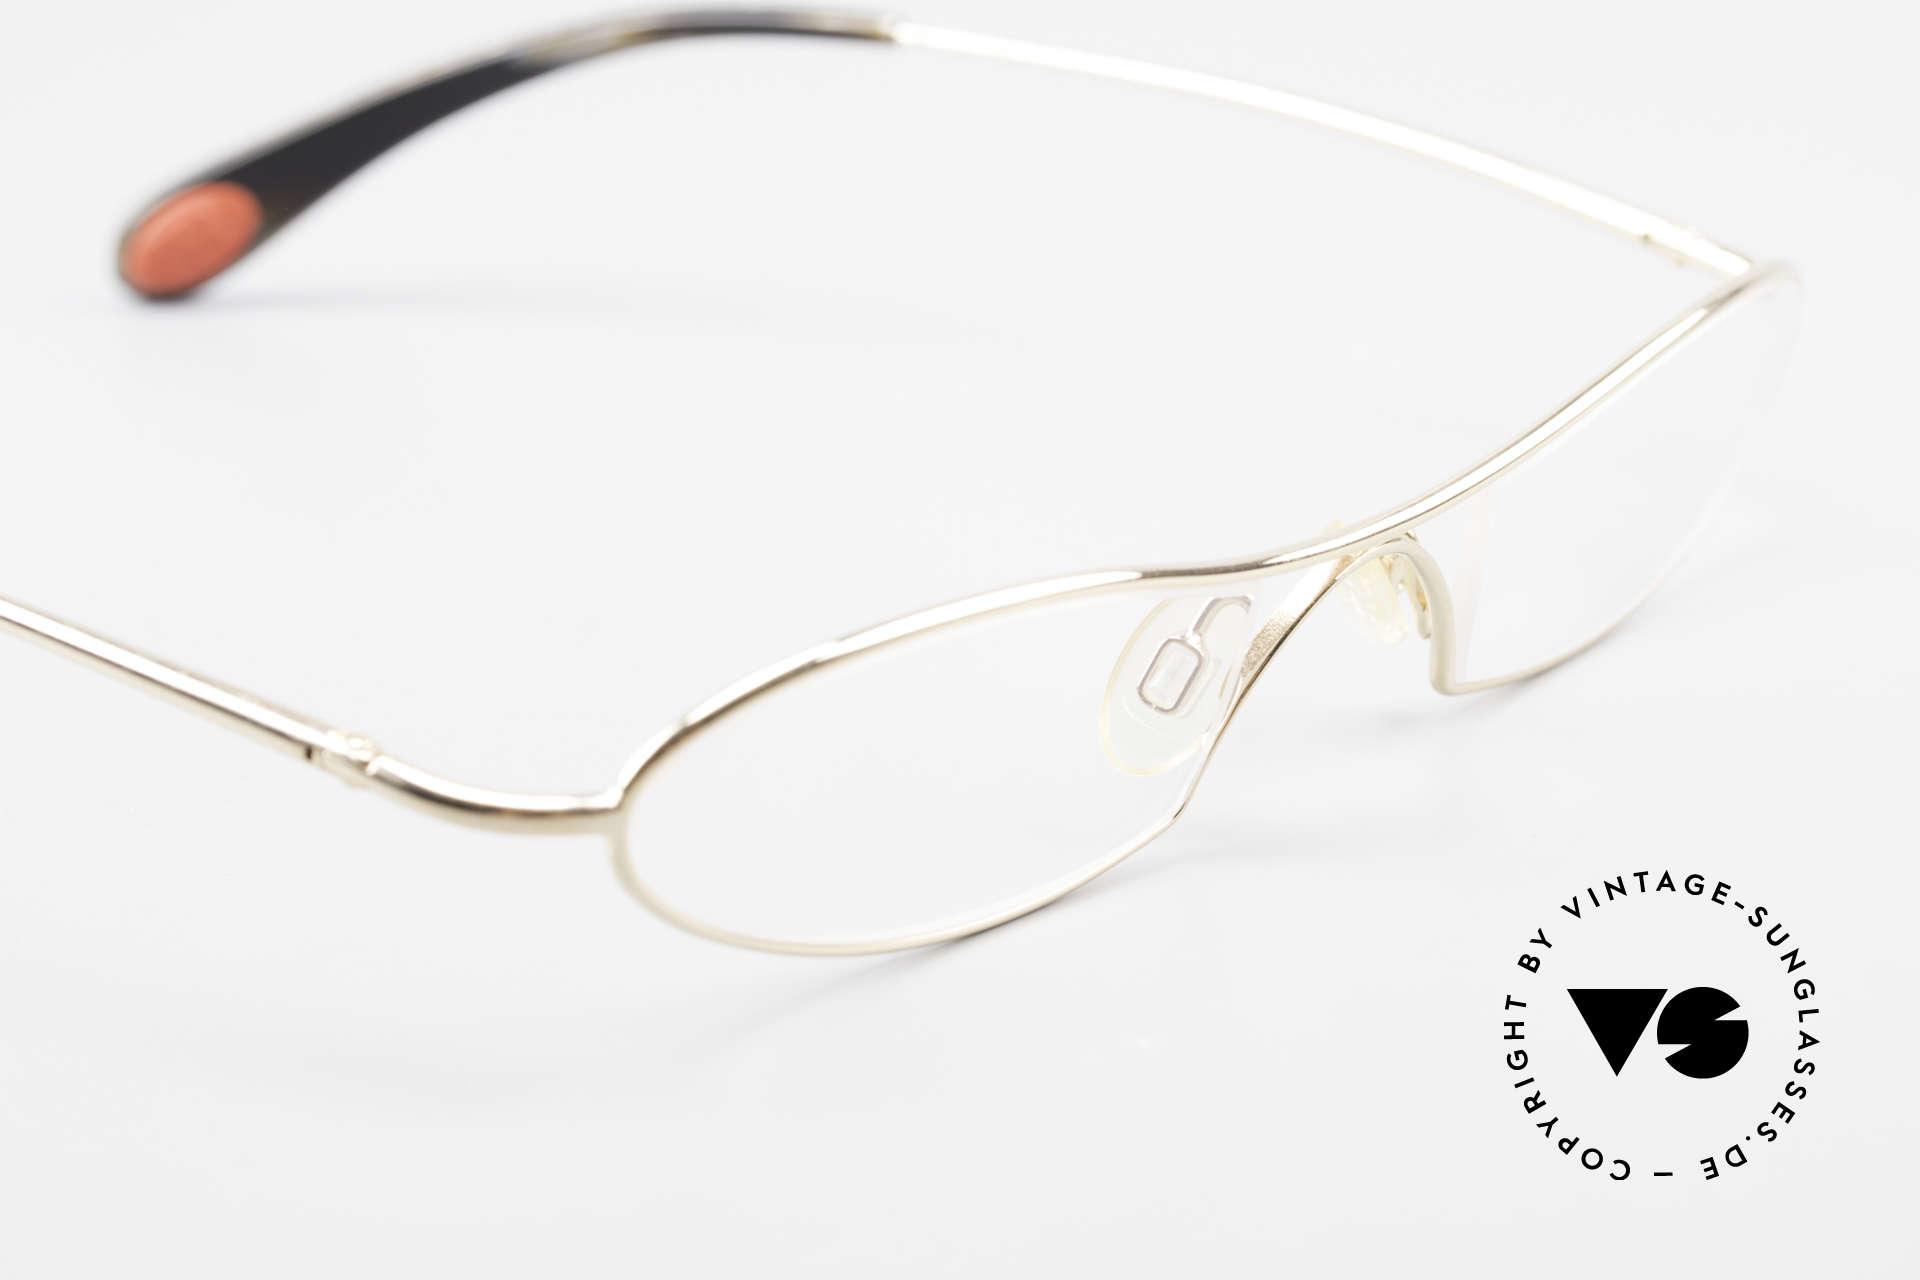 Bugatti 347 Odotype Small Designer Frame Gents, frame is made for optical lenses / sun lenses, Made for Men